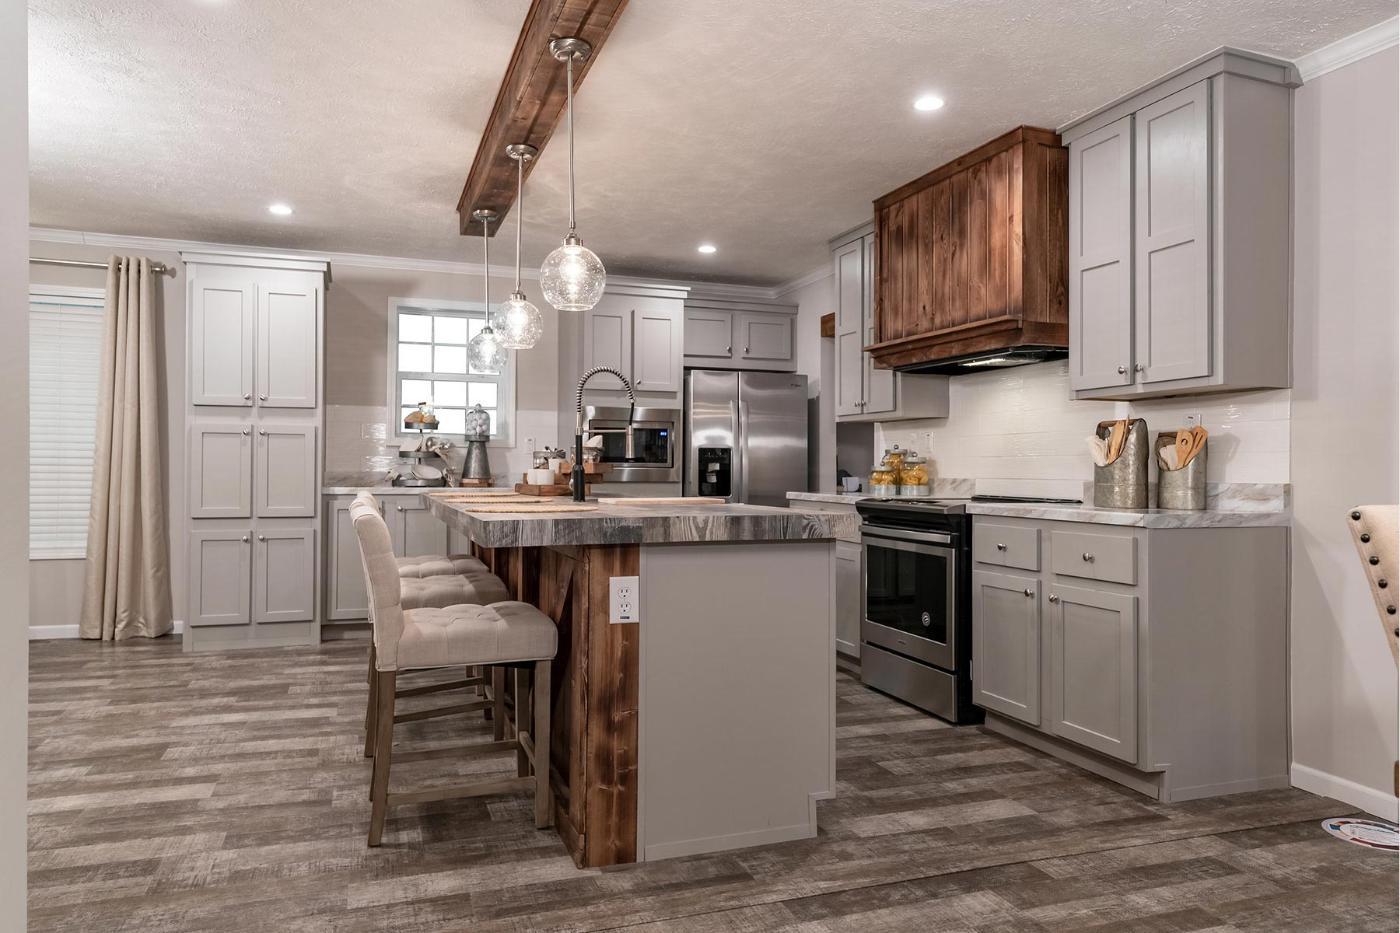 The Ridgecrest Kitchen